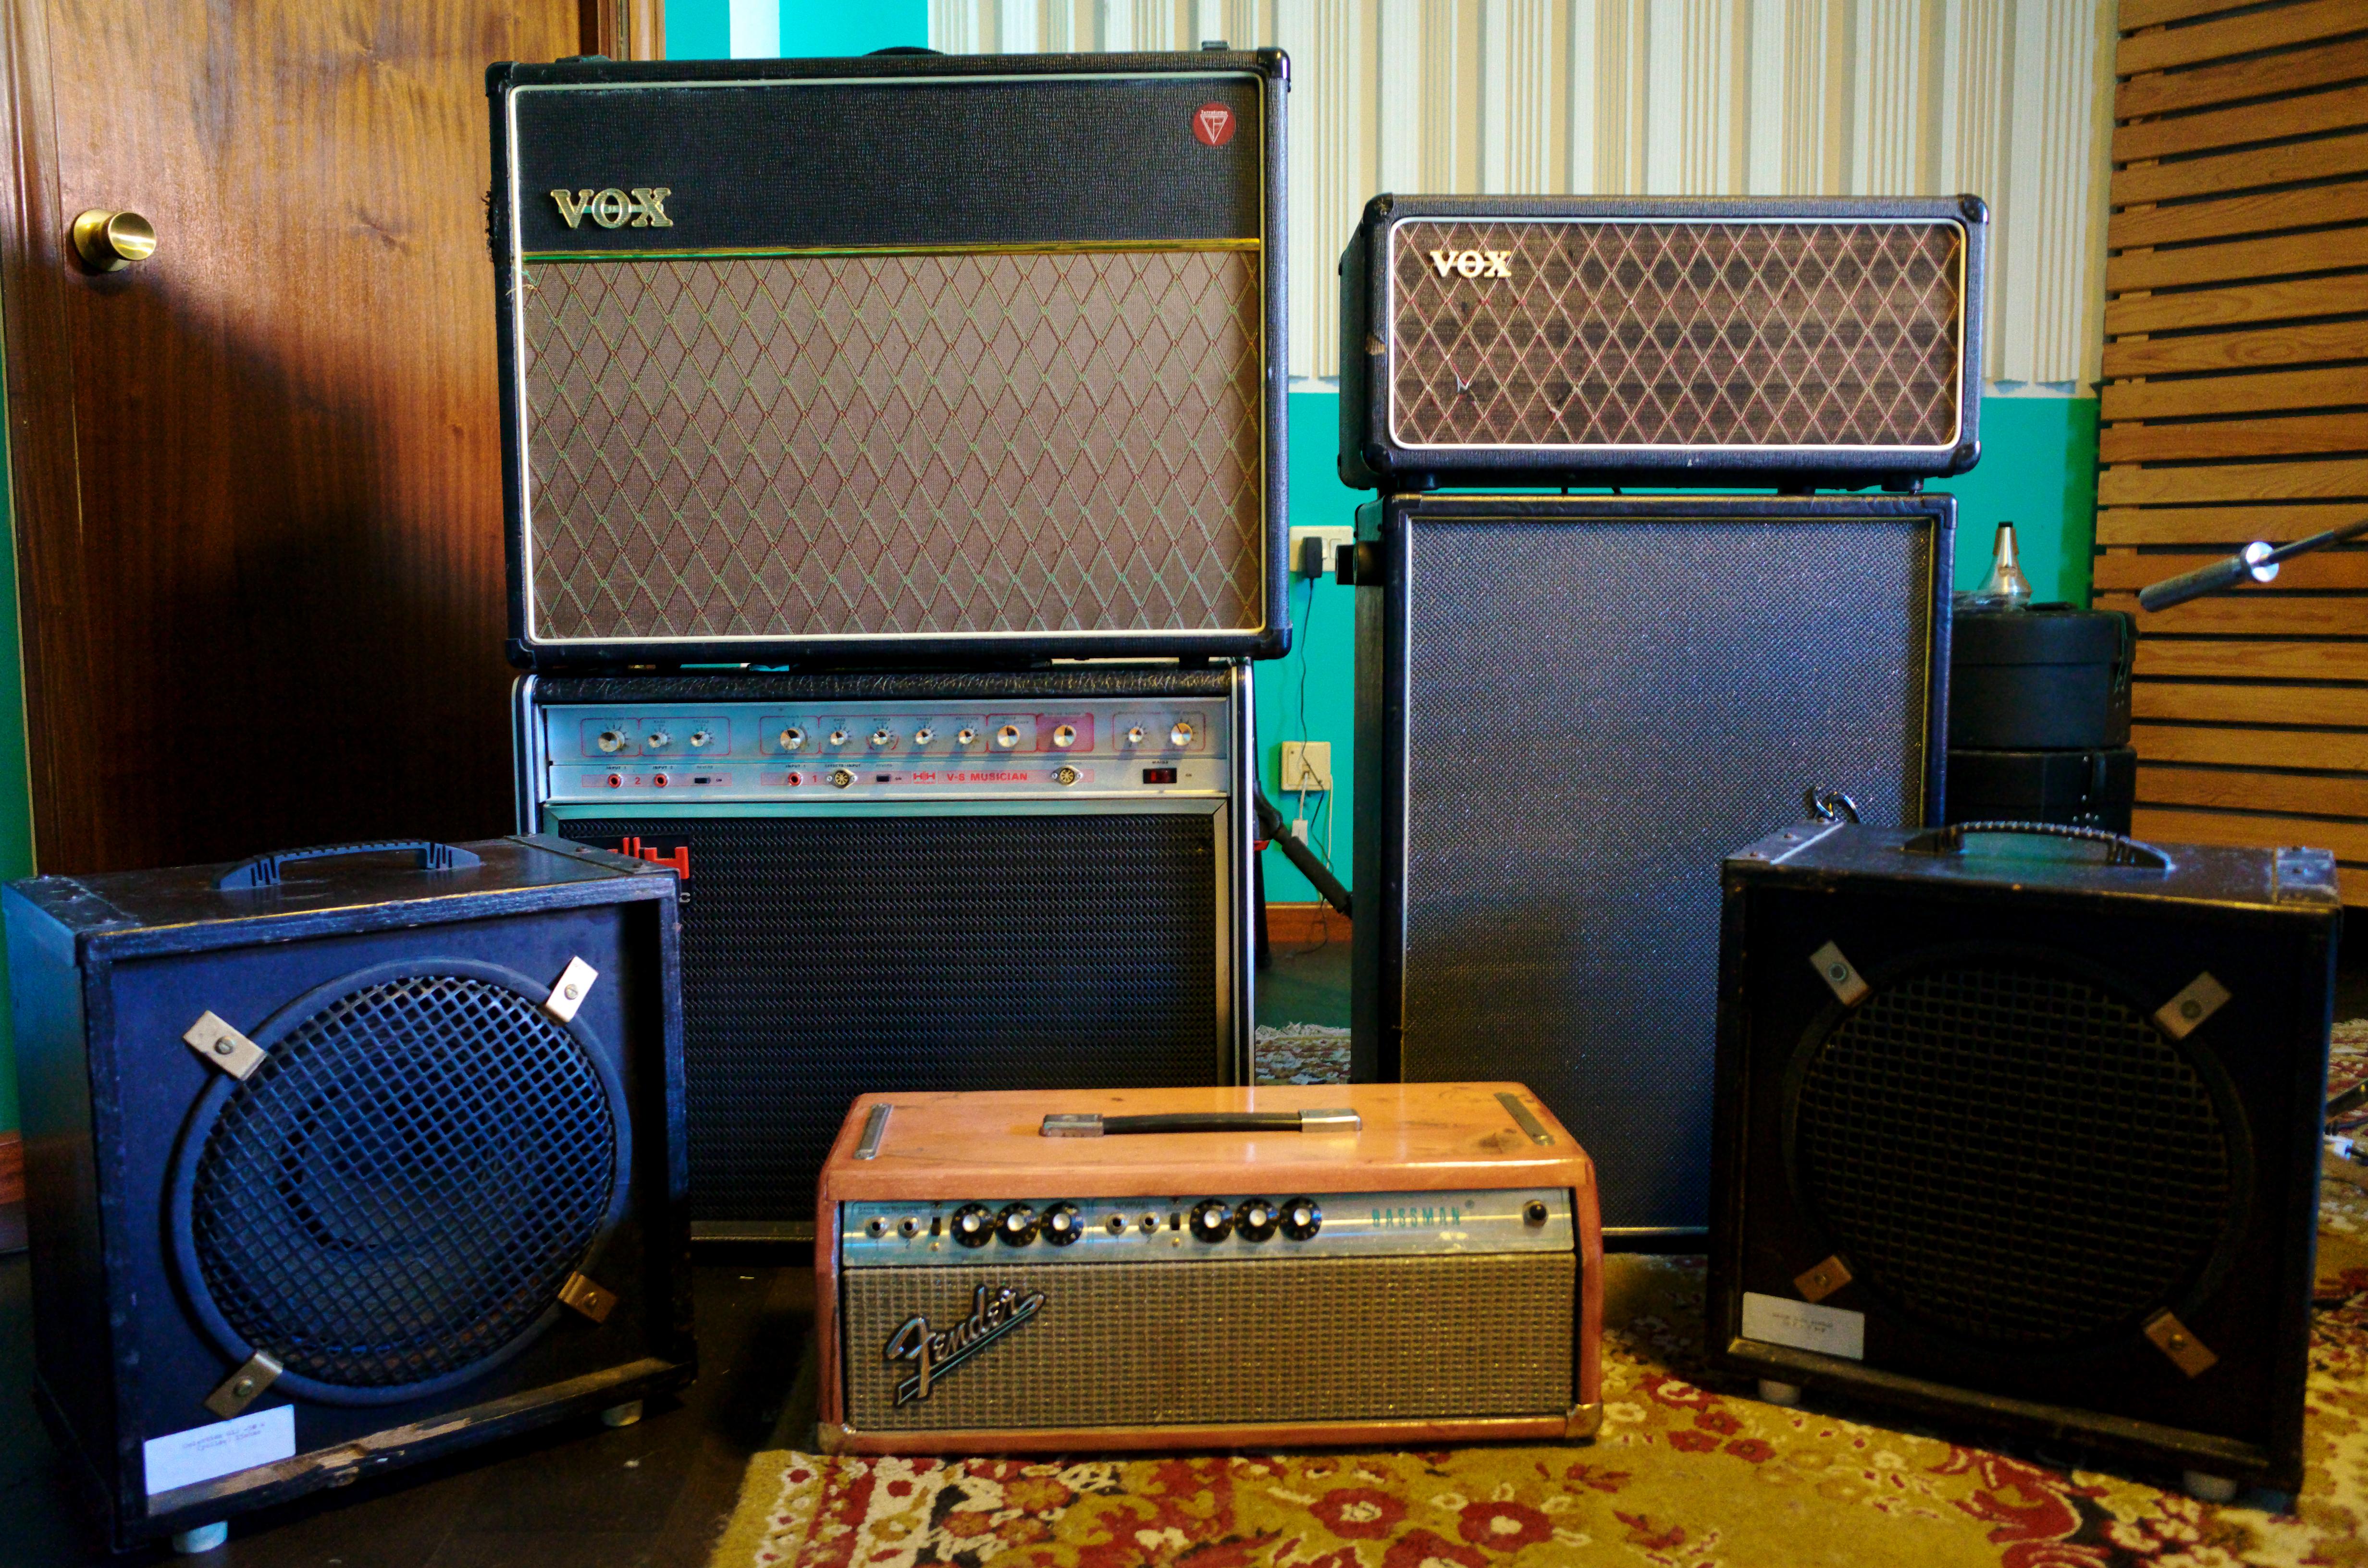 Guitar amplifiers